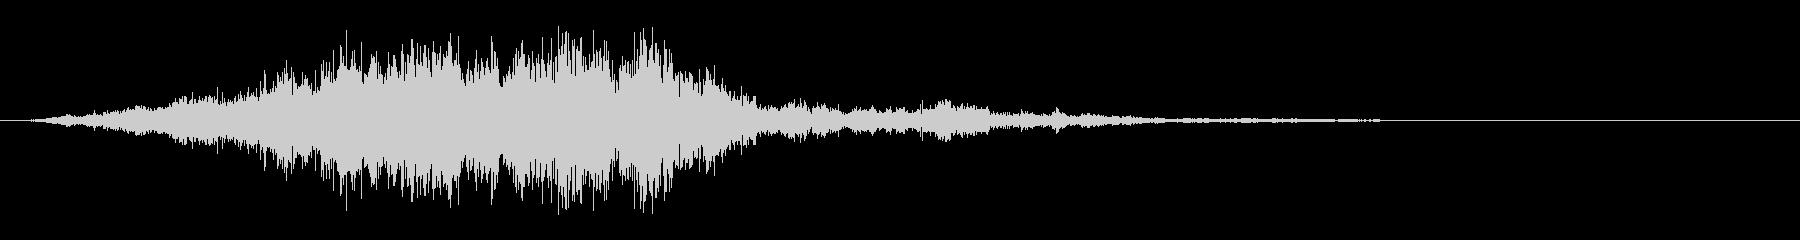 素材 スウォーム04の未再生の波形